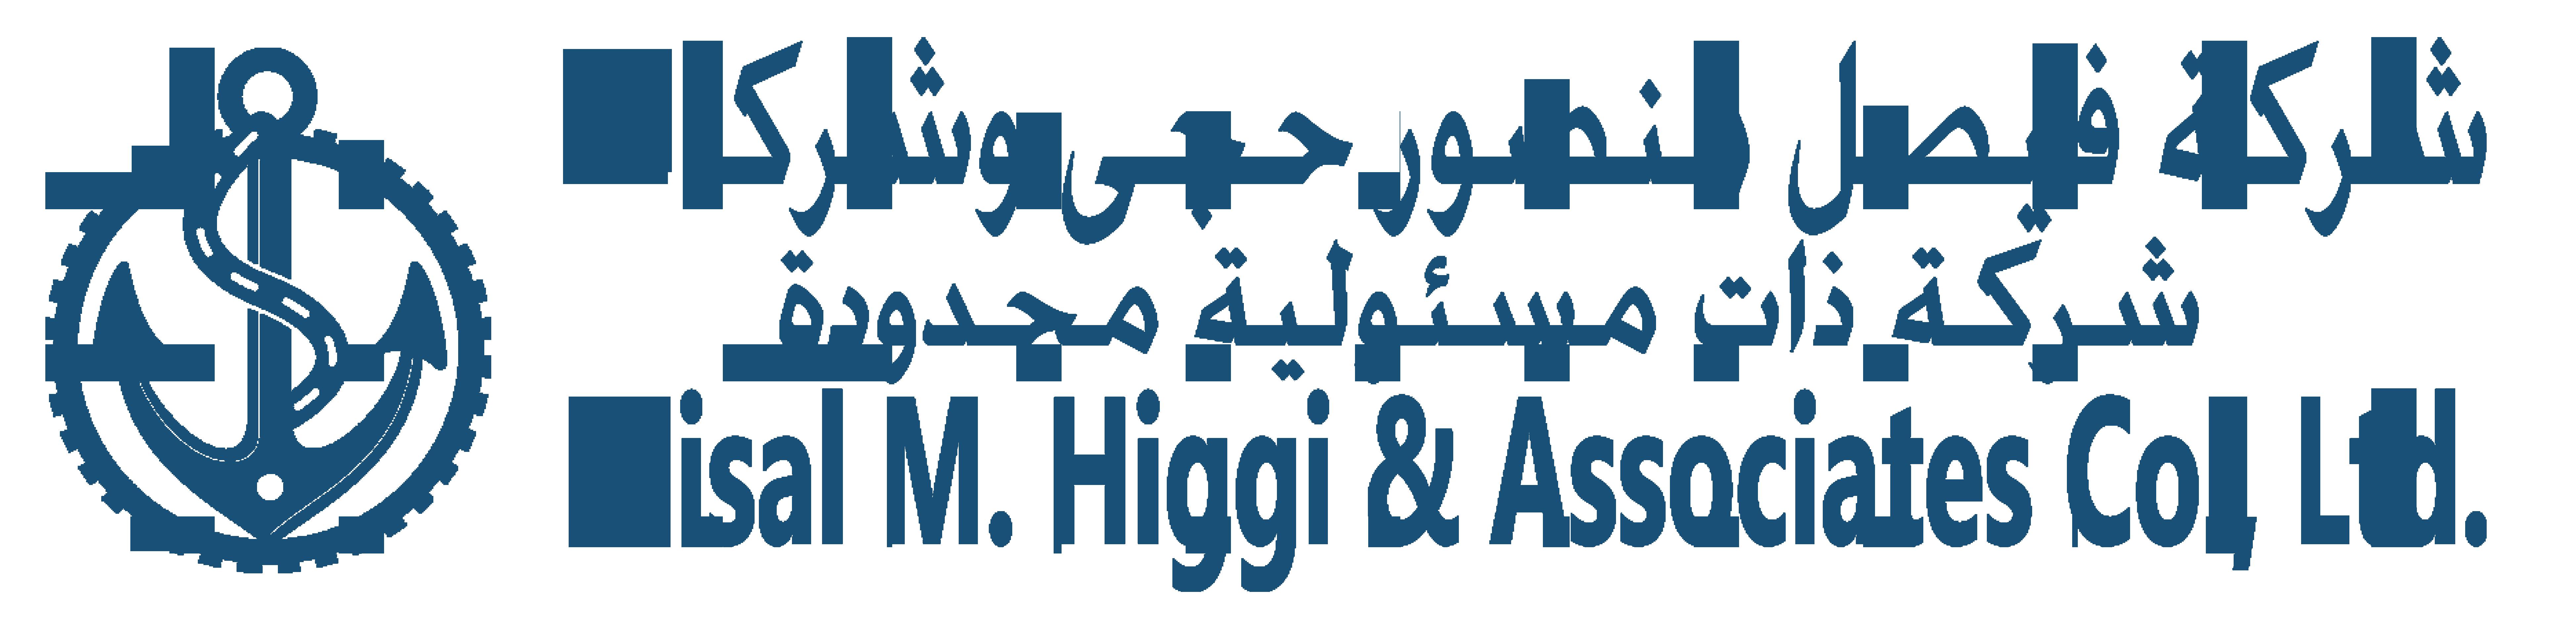 Ship Chandler   Faisal M  Higgi & Associates Co , Ltd    Saudi Arabia